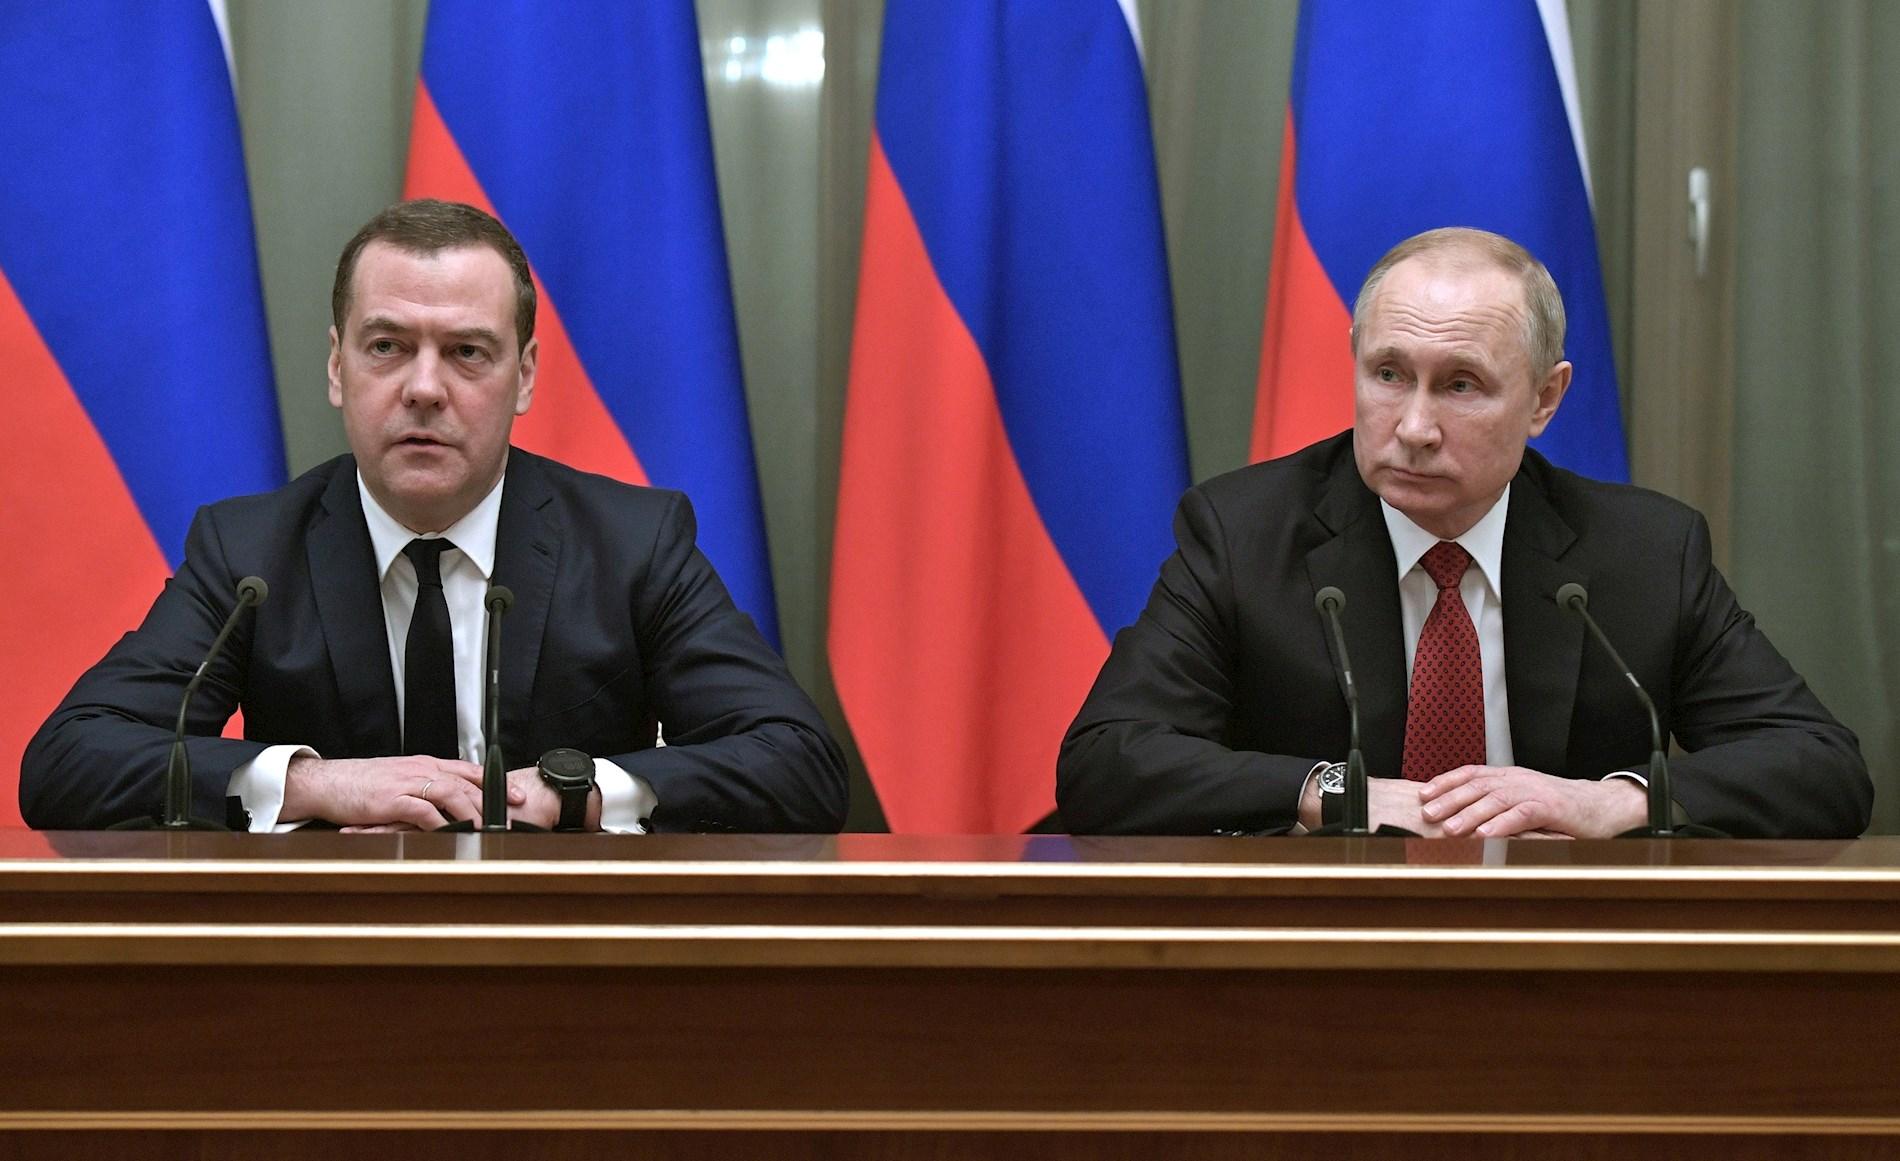 Medvédev anuncia su dimisión y de todo el gabinete del Gobierno ruso